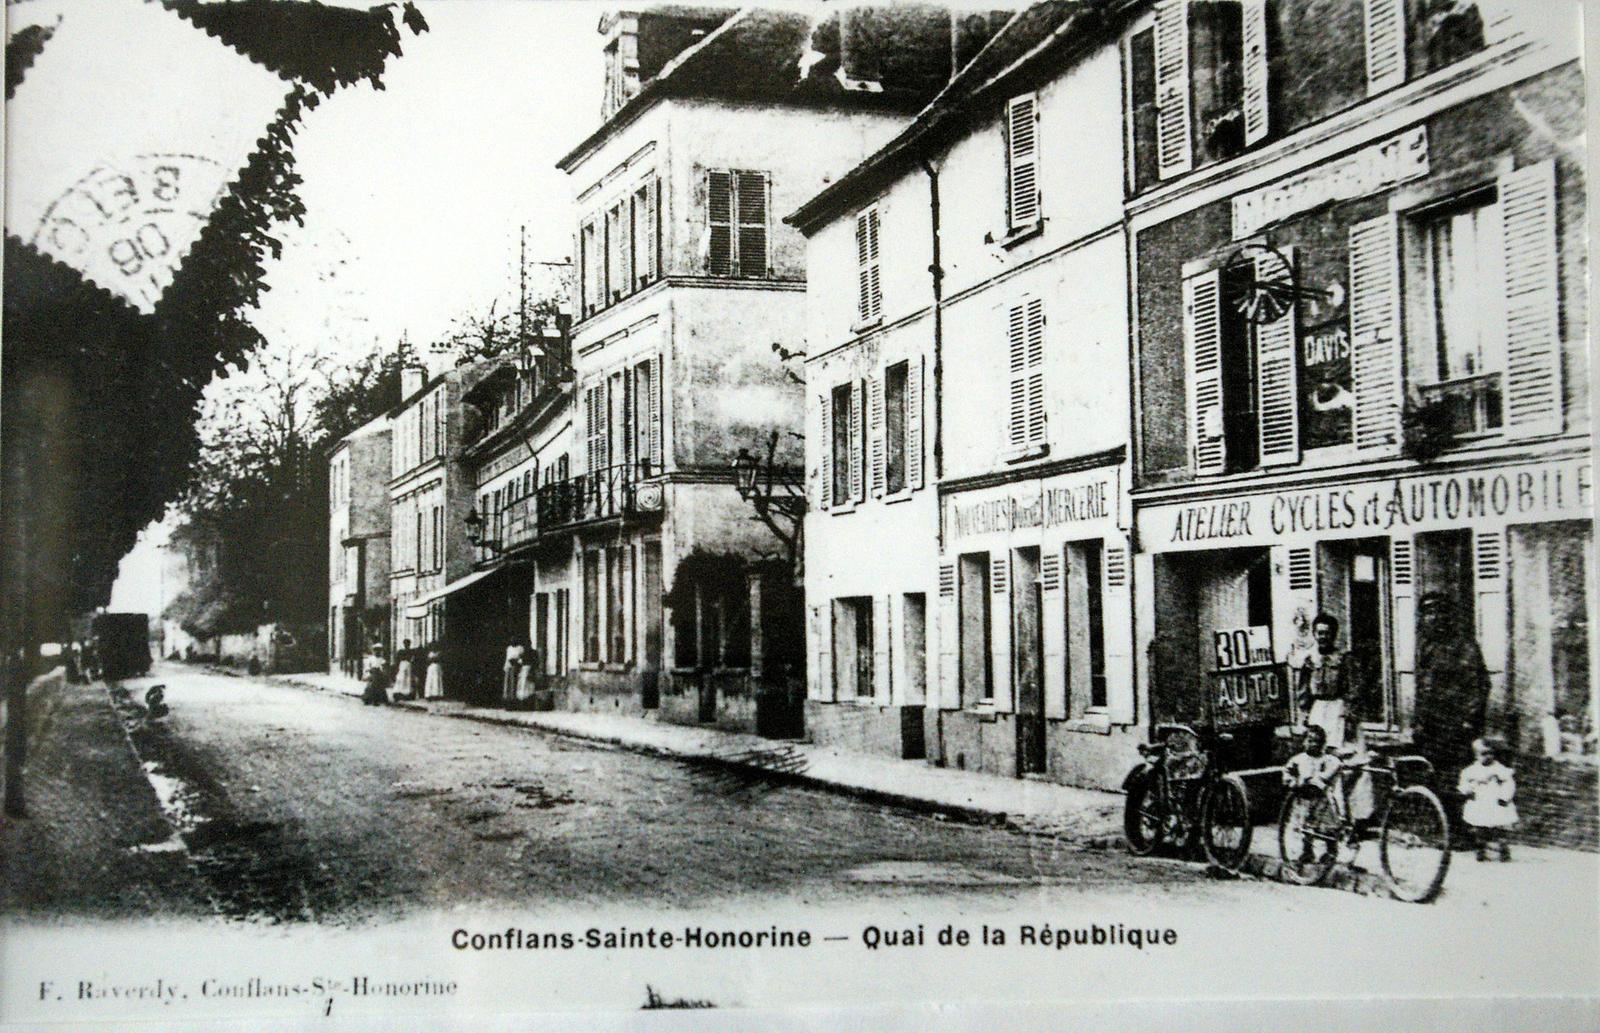 application de rencontre gay à Conflans-Sainte-Honorine